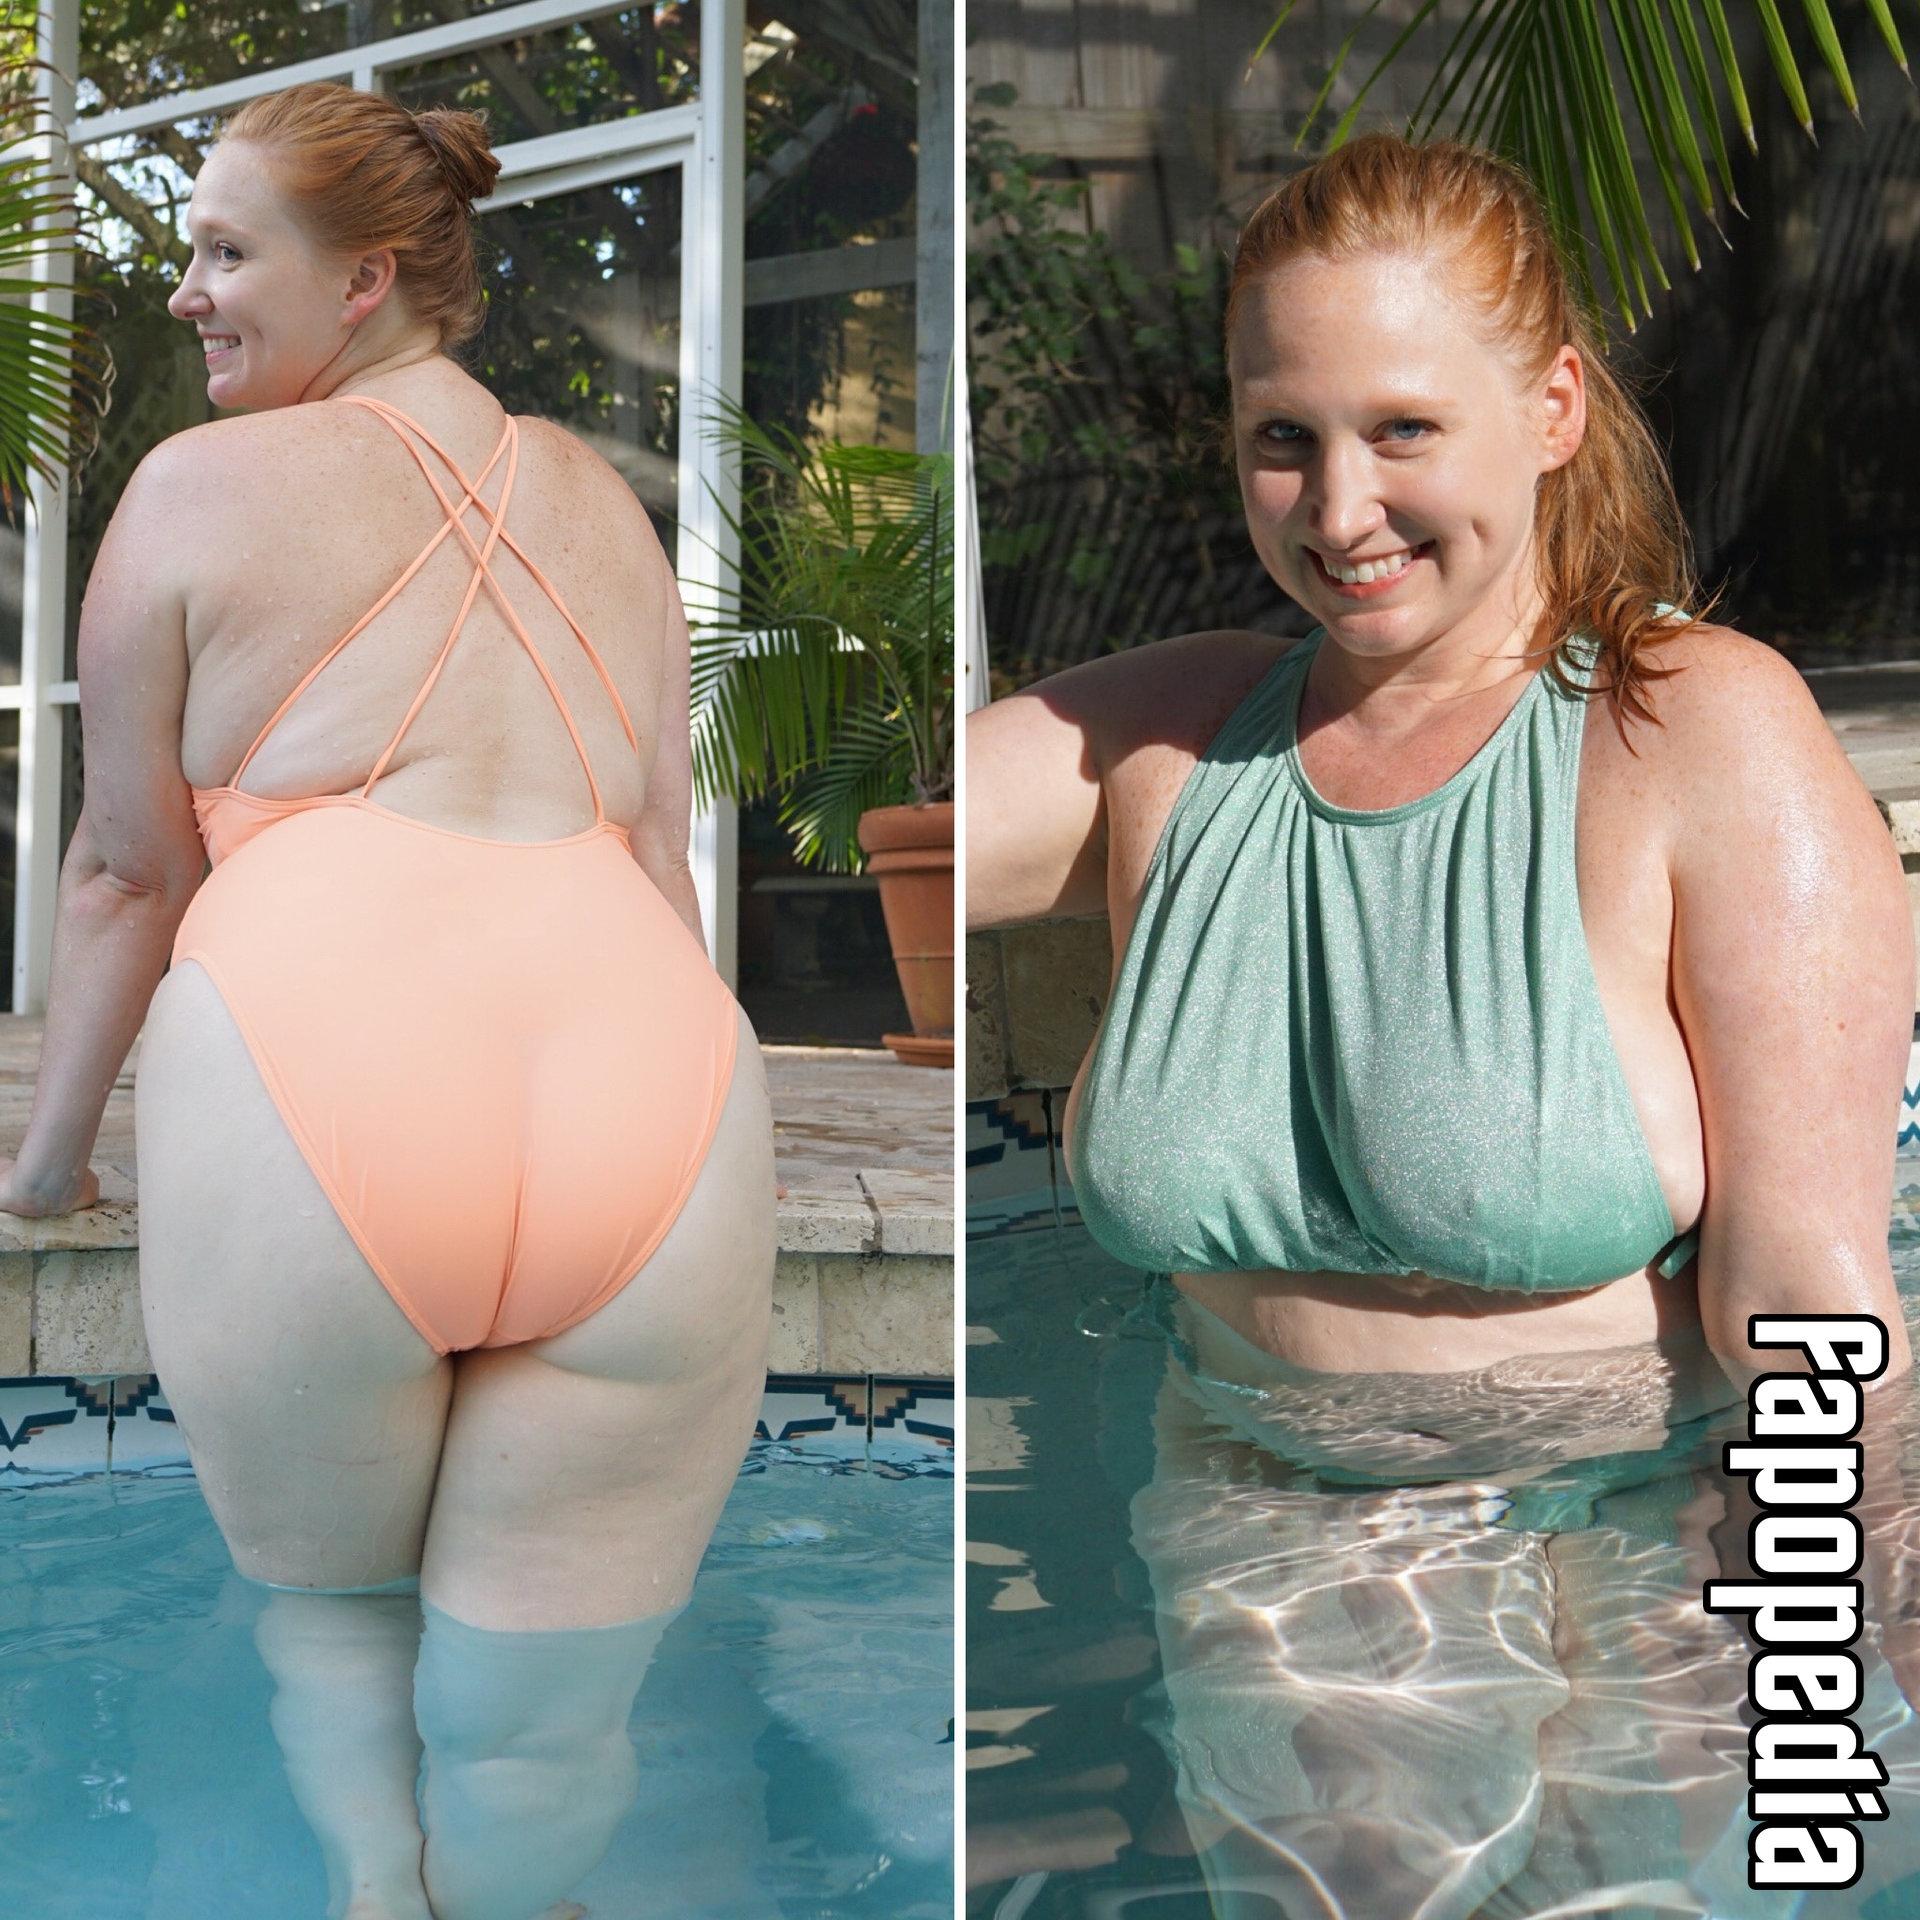 GingerDaydreams Nude Patreon Leaks